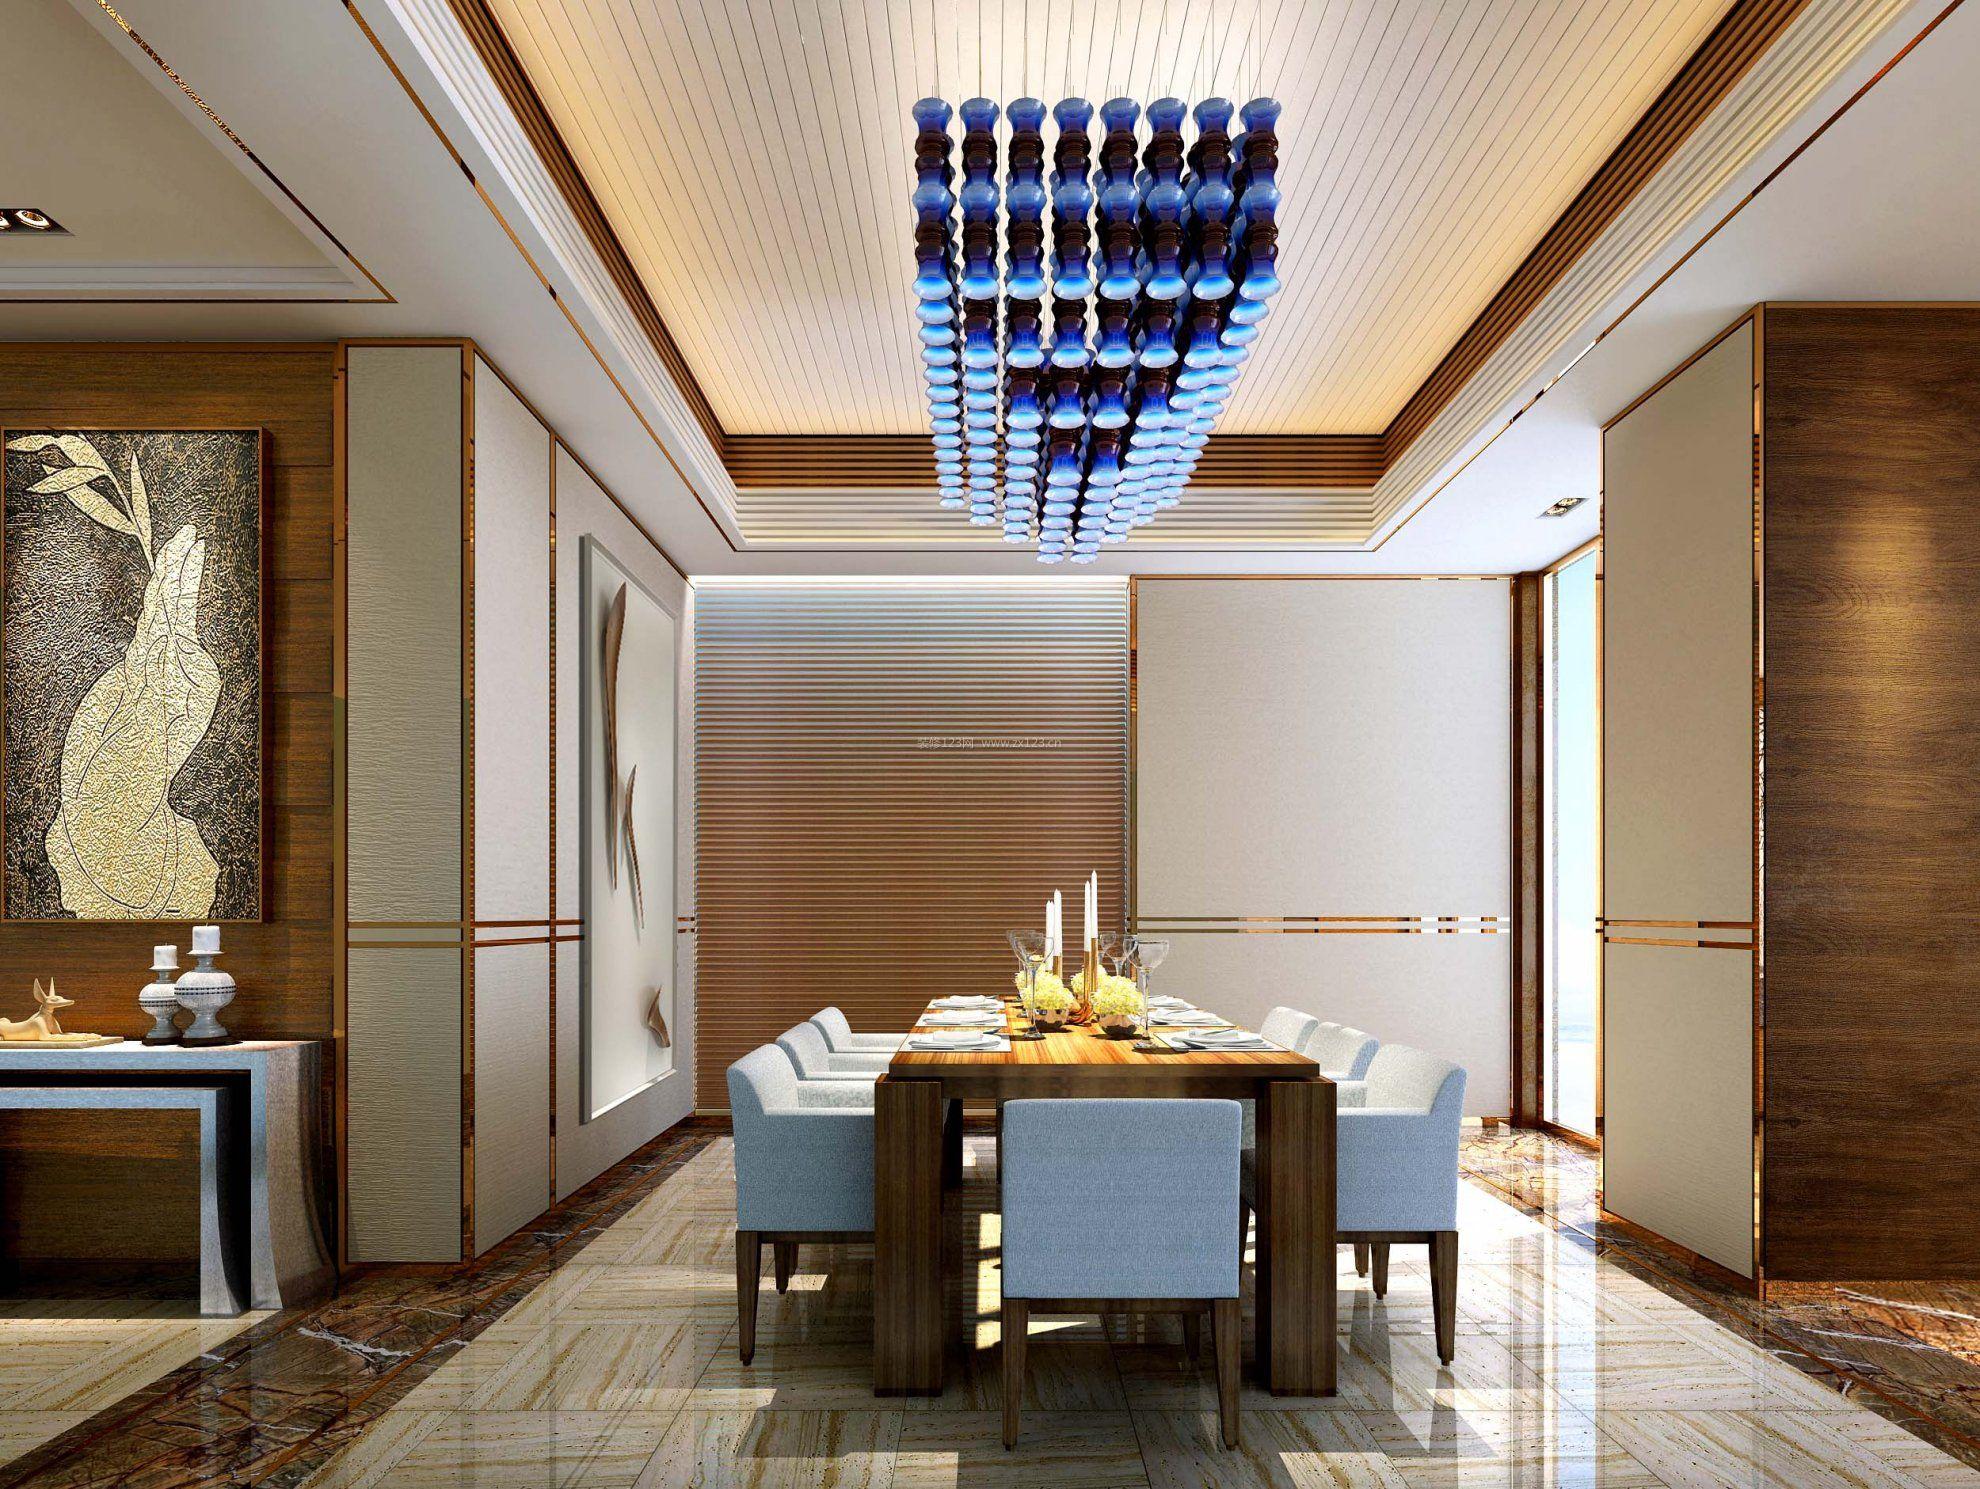 2018东南亚别墅家装餐厅设计图片_装修123ag路子 官方网站